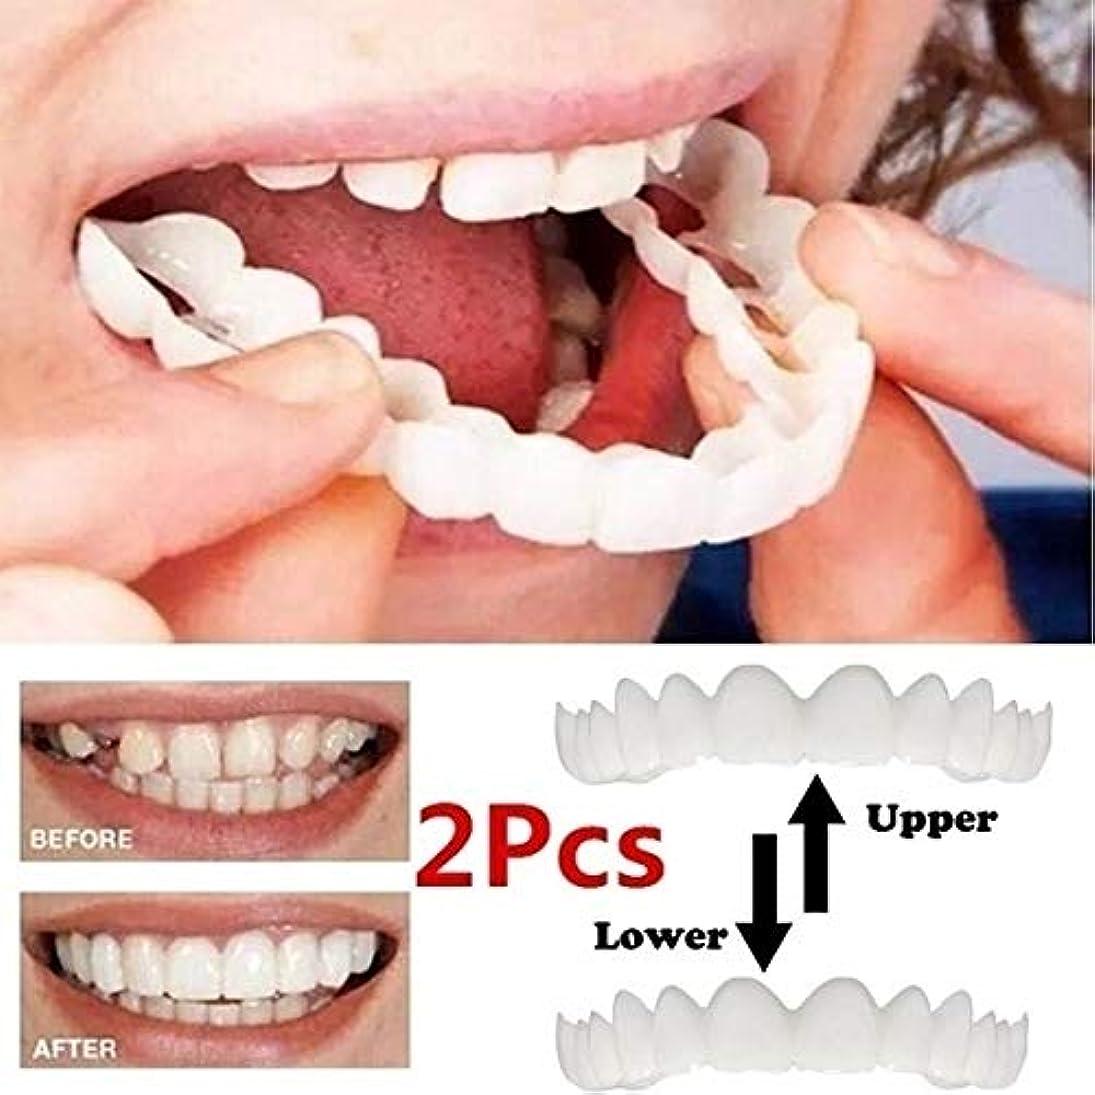 黙話す百万一時的な笑顔の快適さフィット化粧品の歯義歯のベニヤ歯の快適さフィットフレックス化粧品の歯の上の歯のベニヤと下のベニヤ - 歯のベニヤ